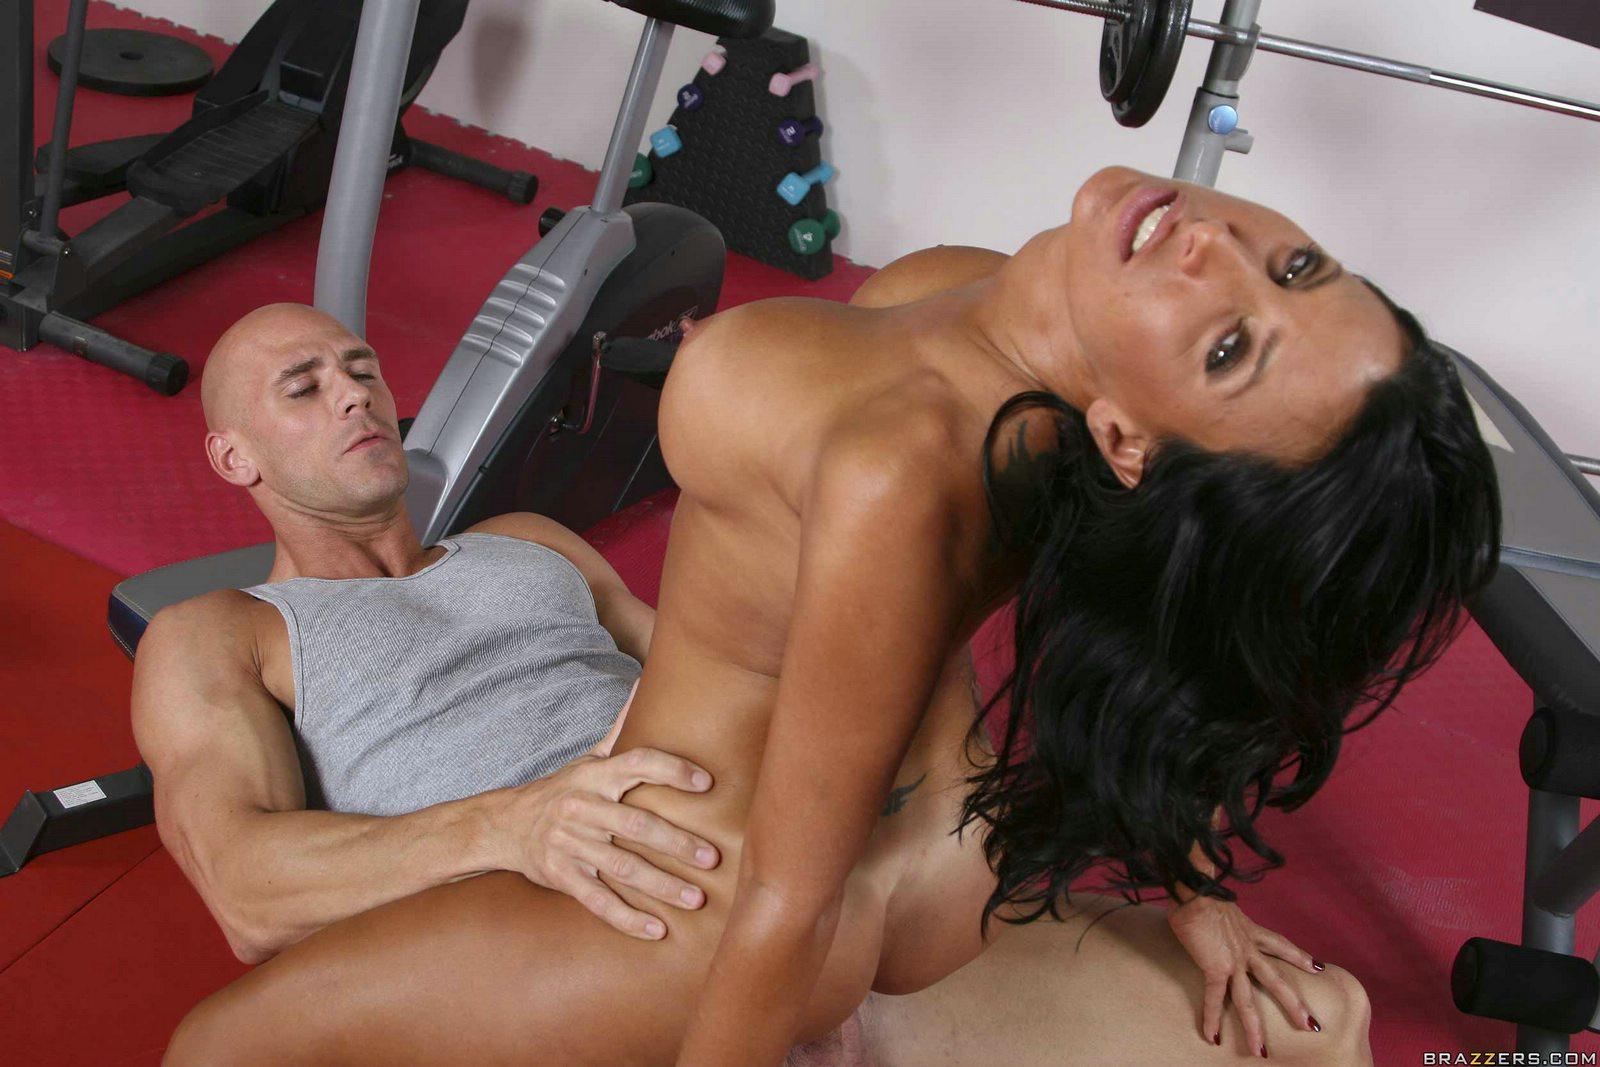 Трахает по фитнесу, Порно С тренером -видео. Смотреть порно онлайн! 1 фотография